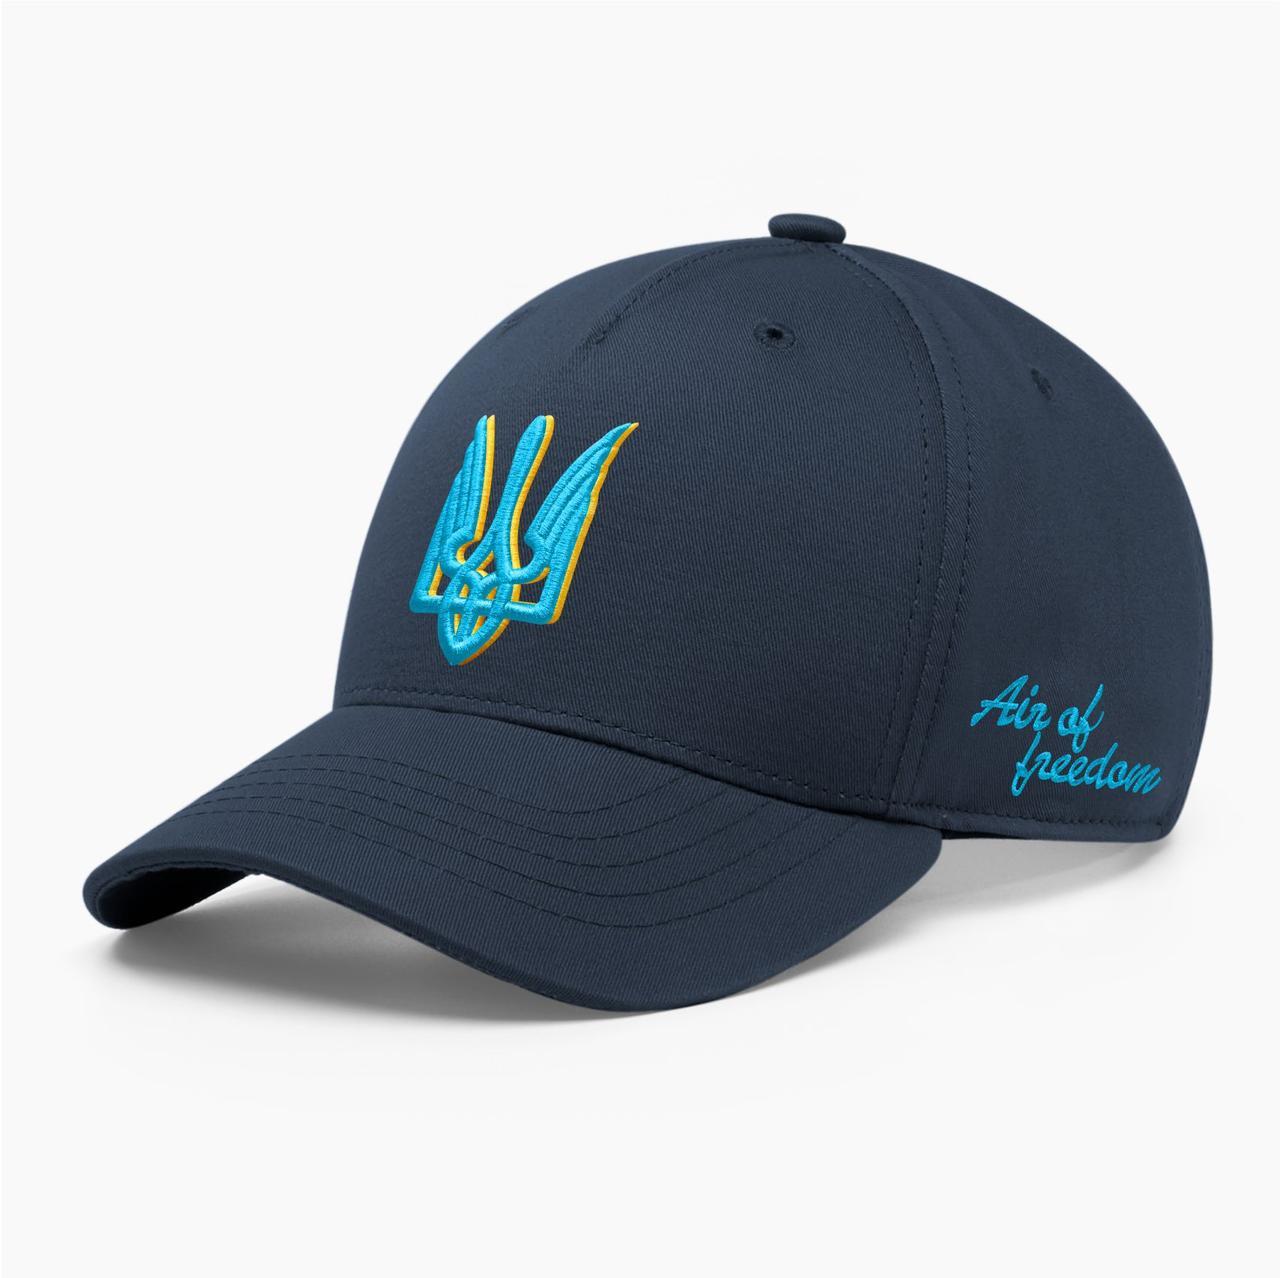 Детская кепка бейсболка INAL с тризубом стилизованным XS / 51-52 RU Синий 244151